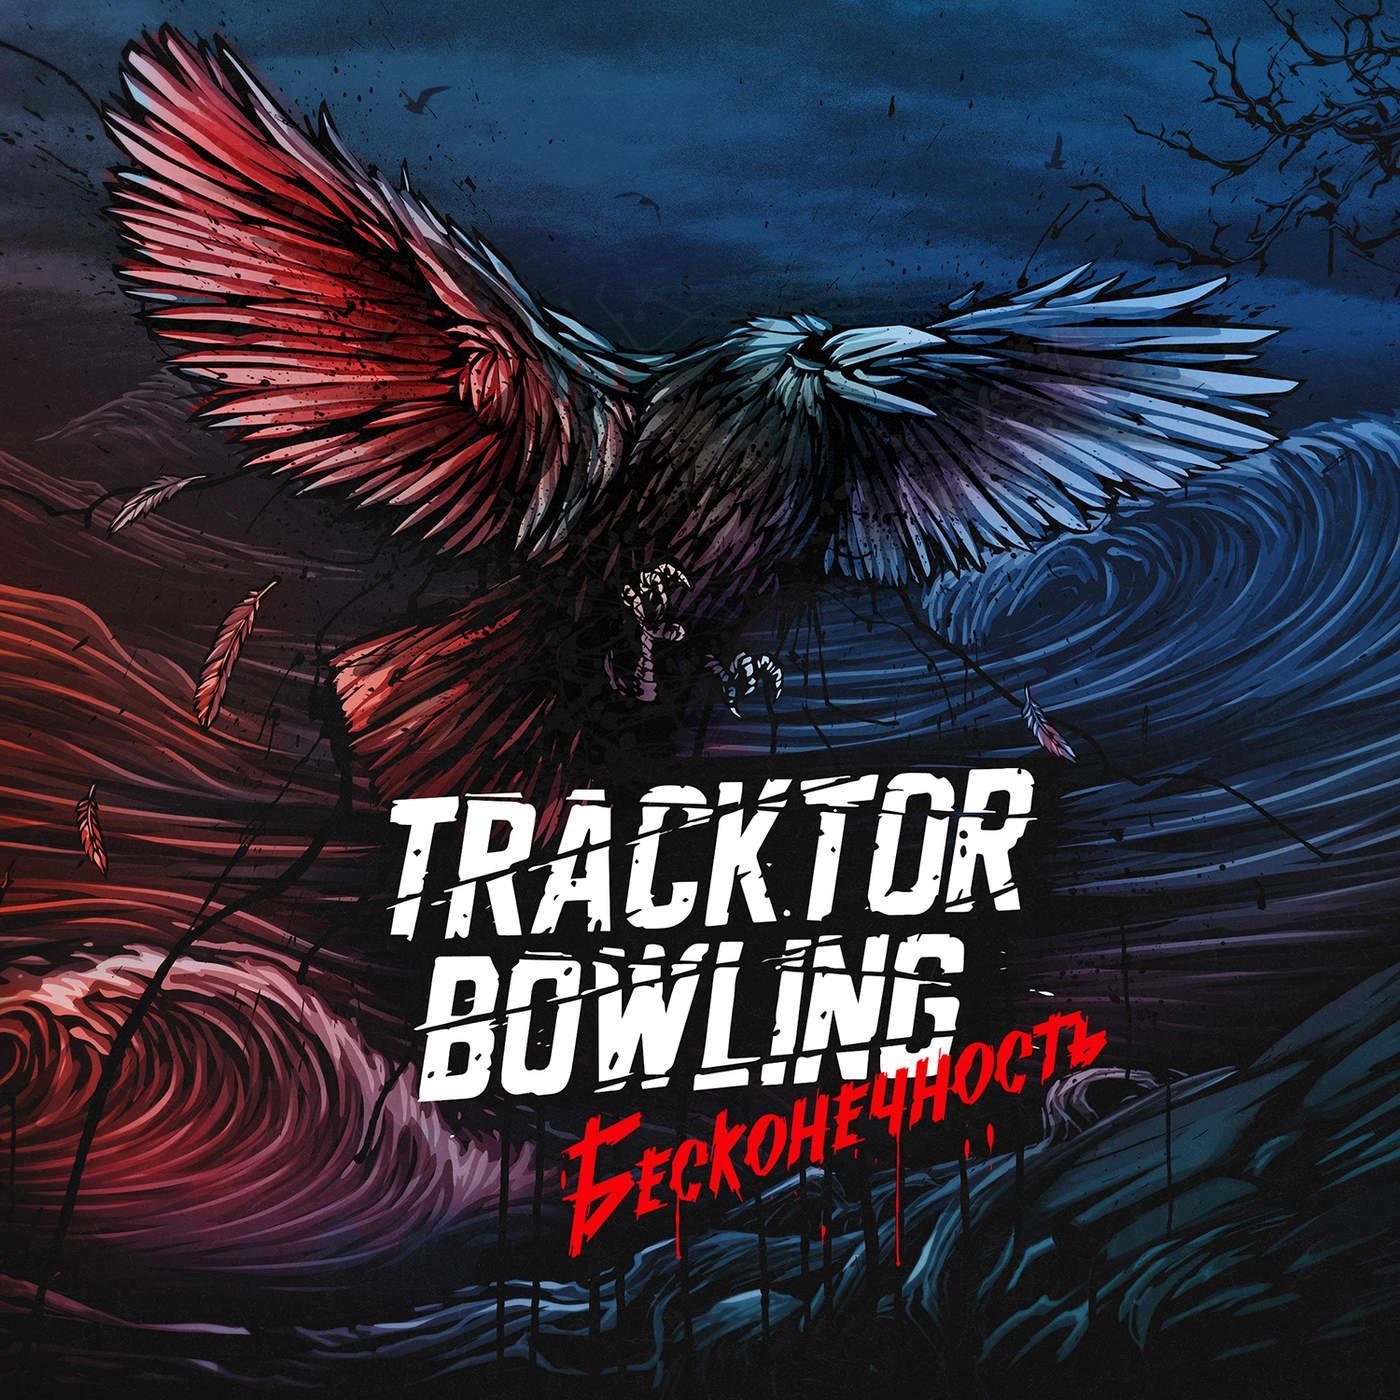 Tracktor bowling дискография скачать торрент бесплатно.